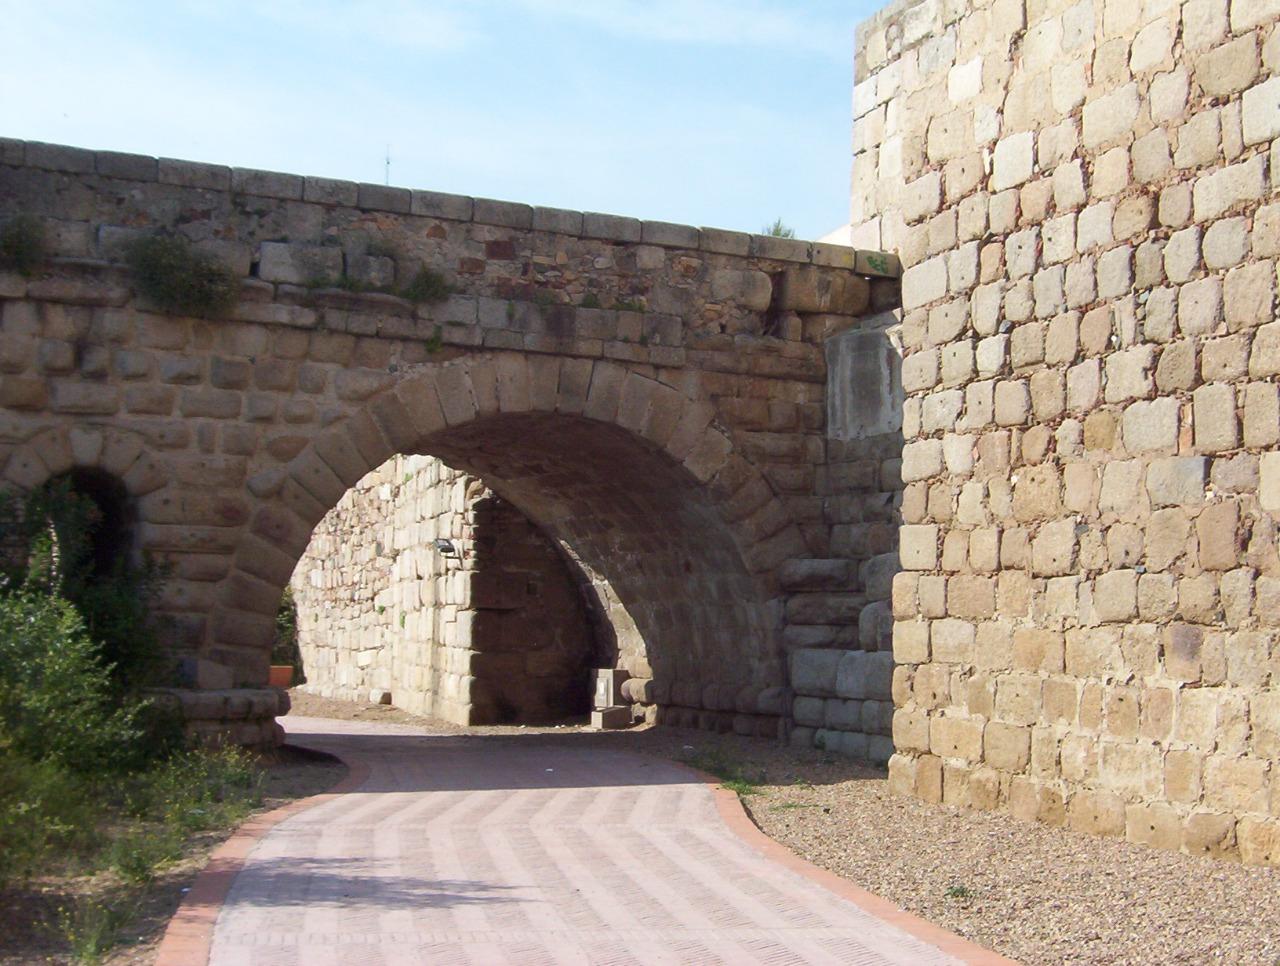 detalle paseo fluvial bajo puente romano en merida